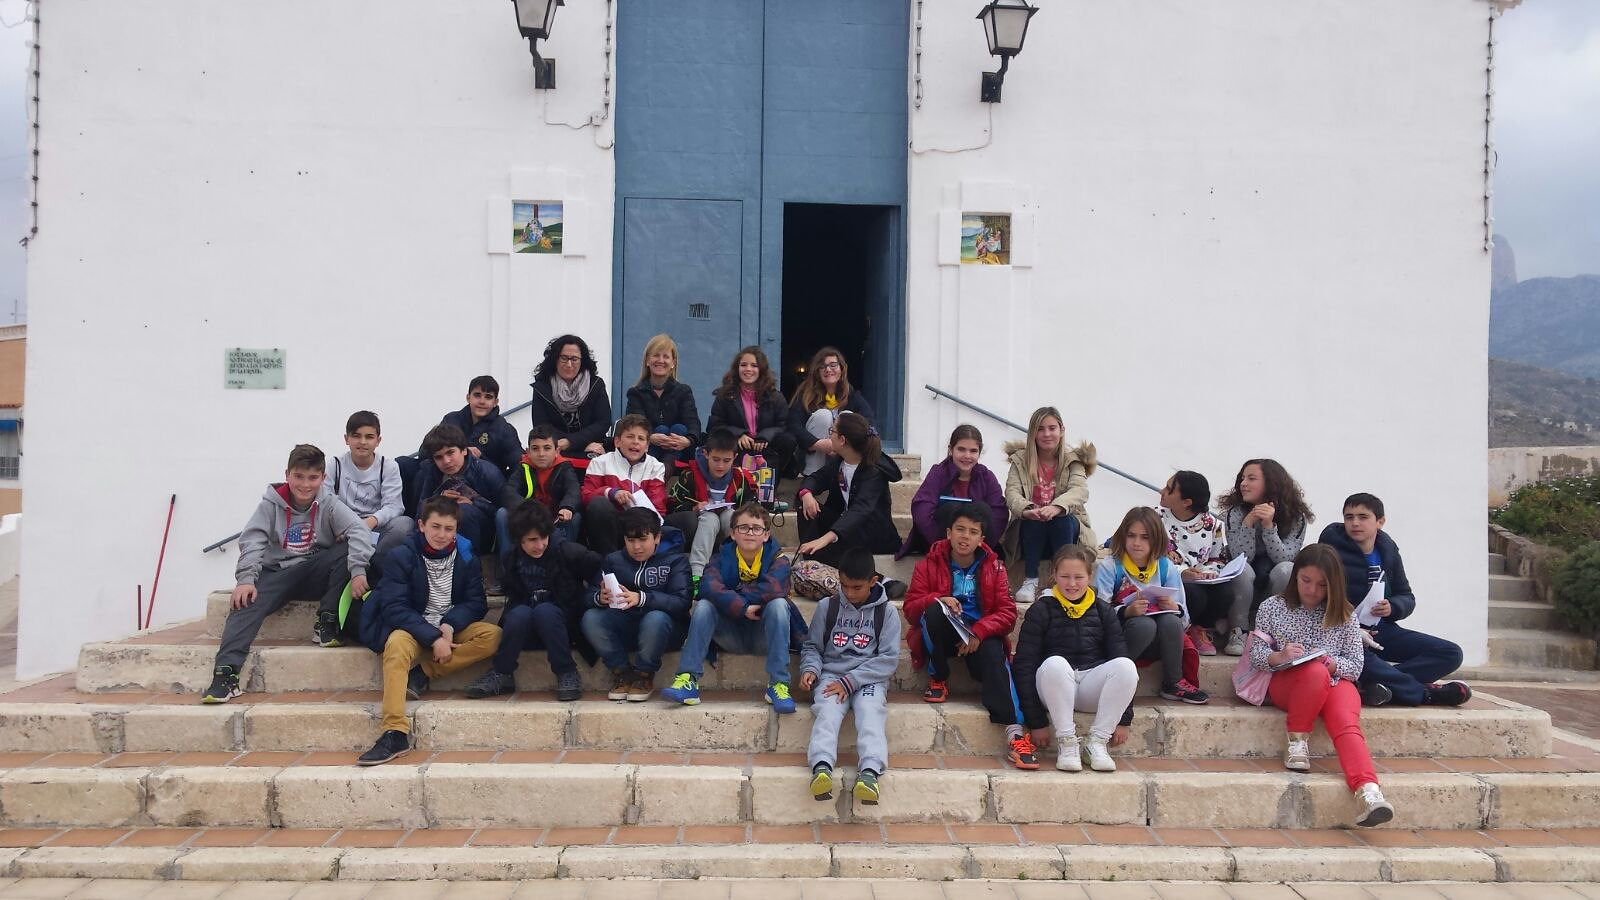 (2016-03-18) - aVisita ermita alumnos Pilar, profesora religión 9´Octubre - María Isabel Berenguer Brotons (05)